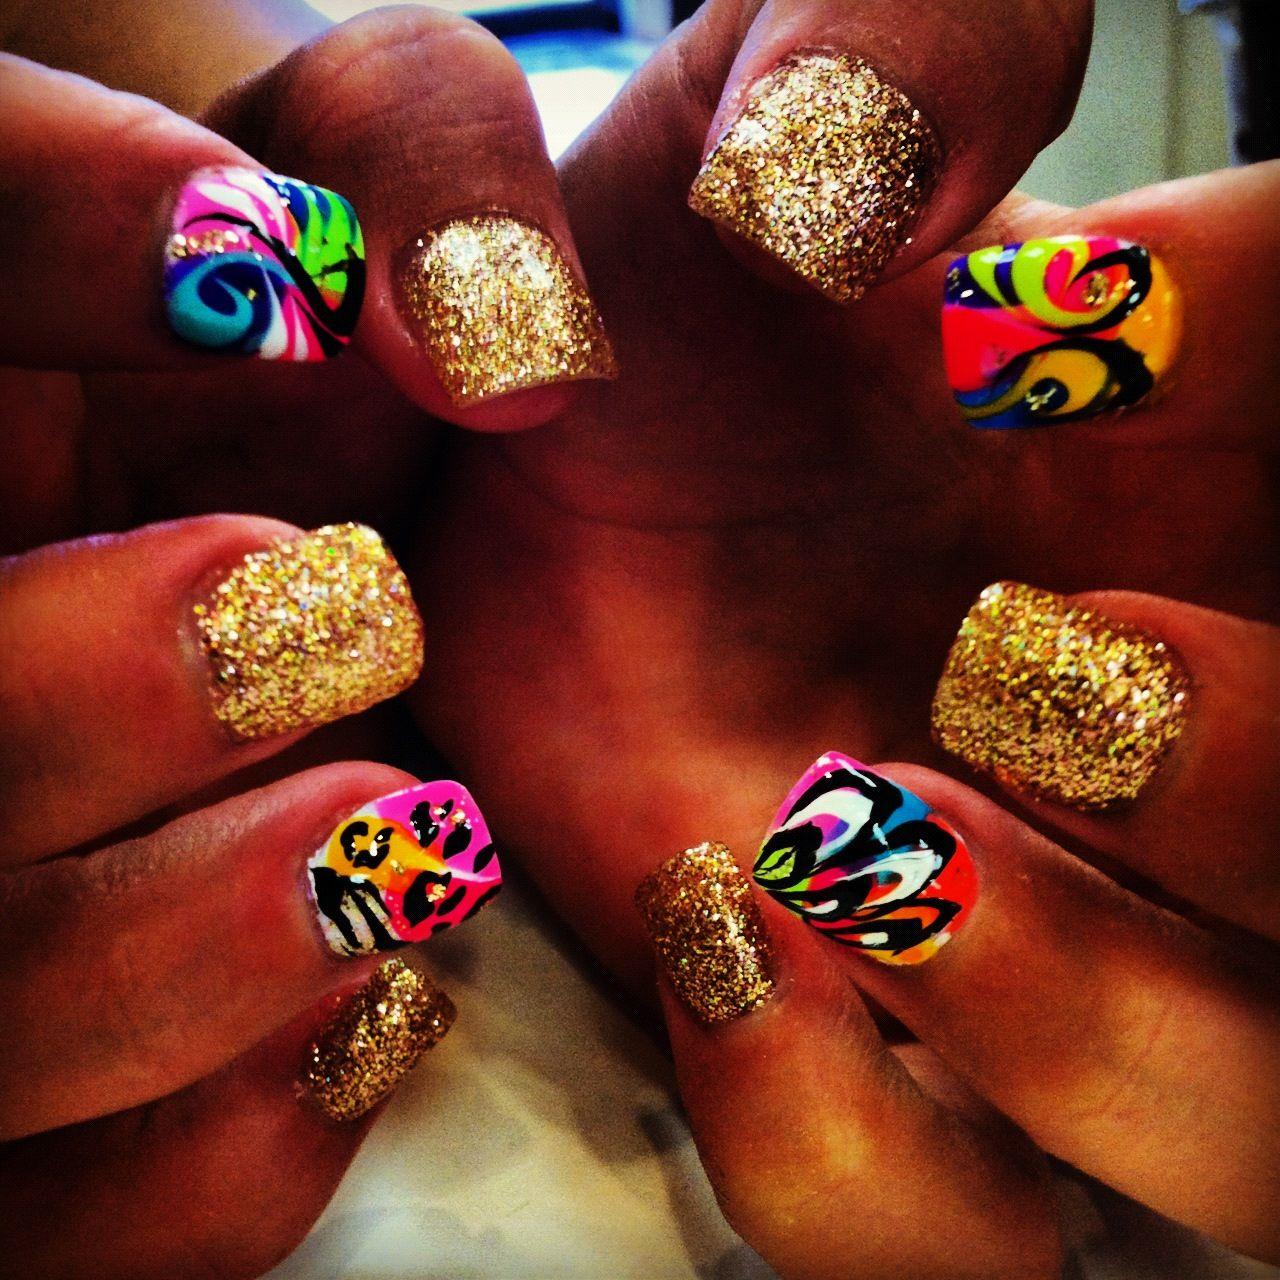 Crazy nails nails fashion pinsland nail time pinterest